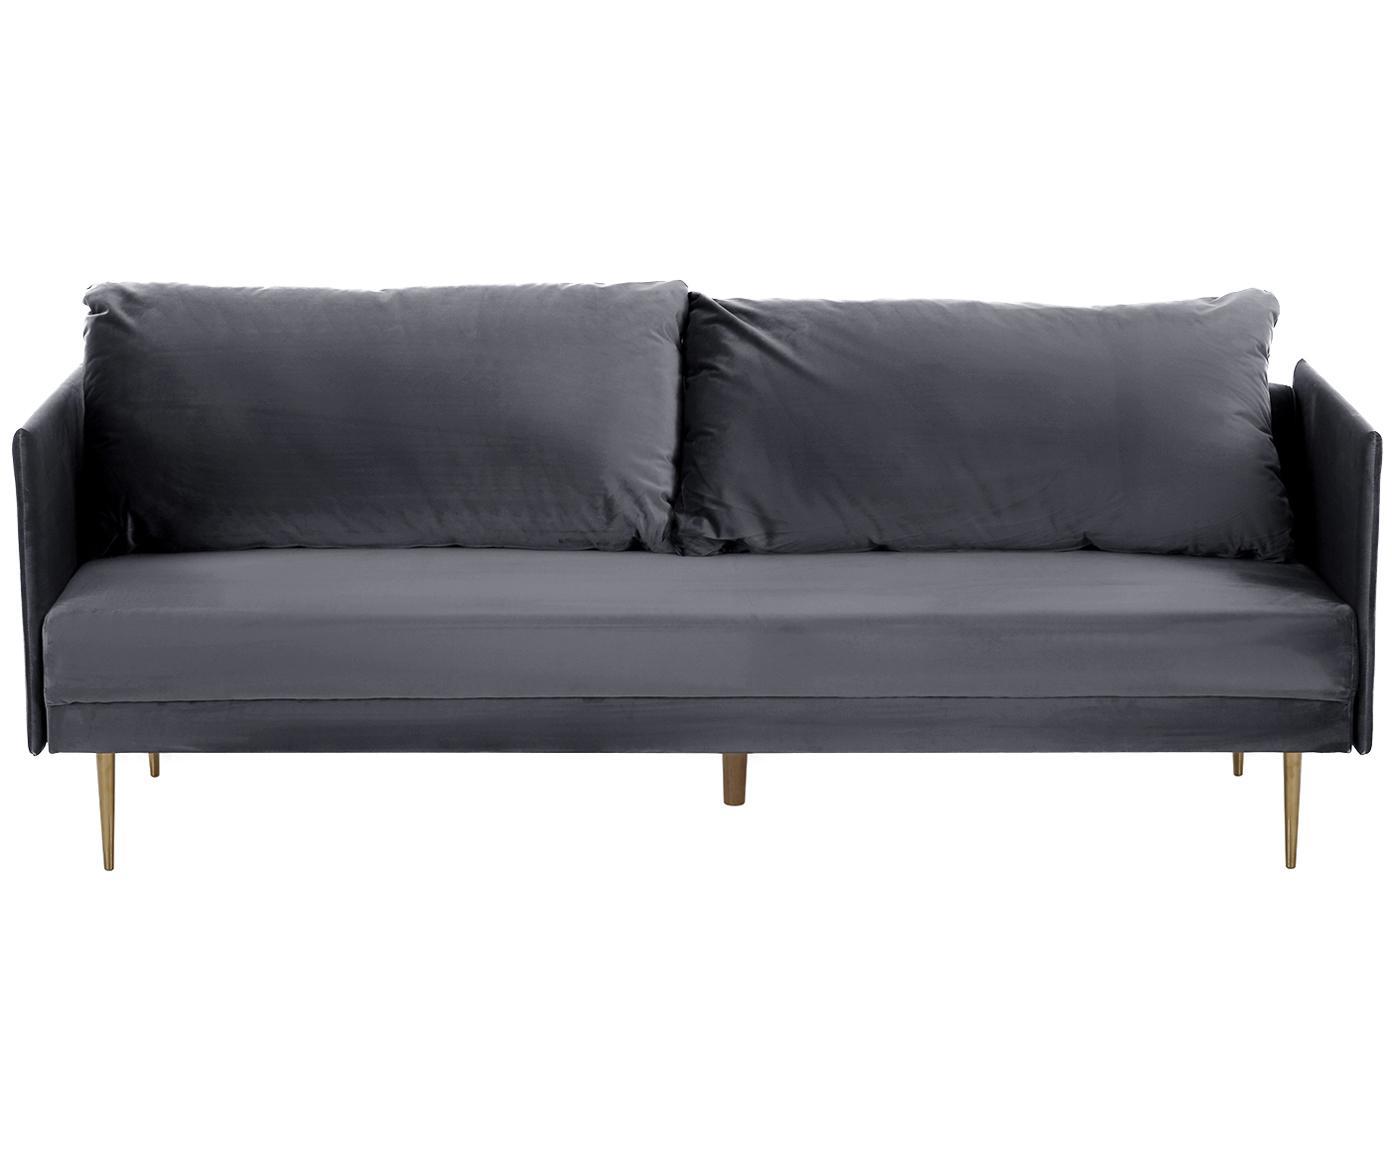 Sofá cama de terciopelo Lauren, Tapizado: terciopelo (poliéster) 28, Estructura: madera de pino, Patas: metal, pintado, Tapizado: gris Patas: dorado, brillante, An 206 x Al 87 cm